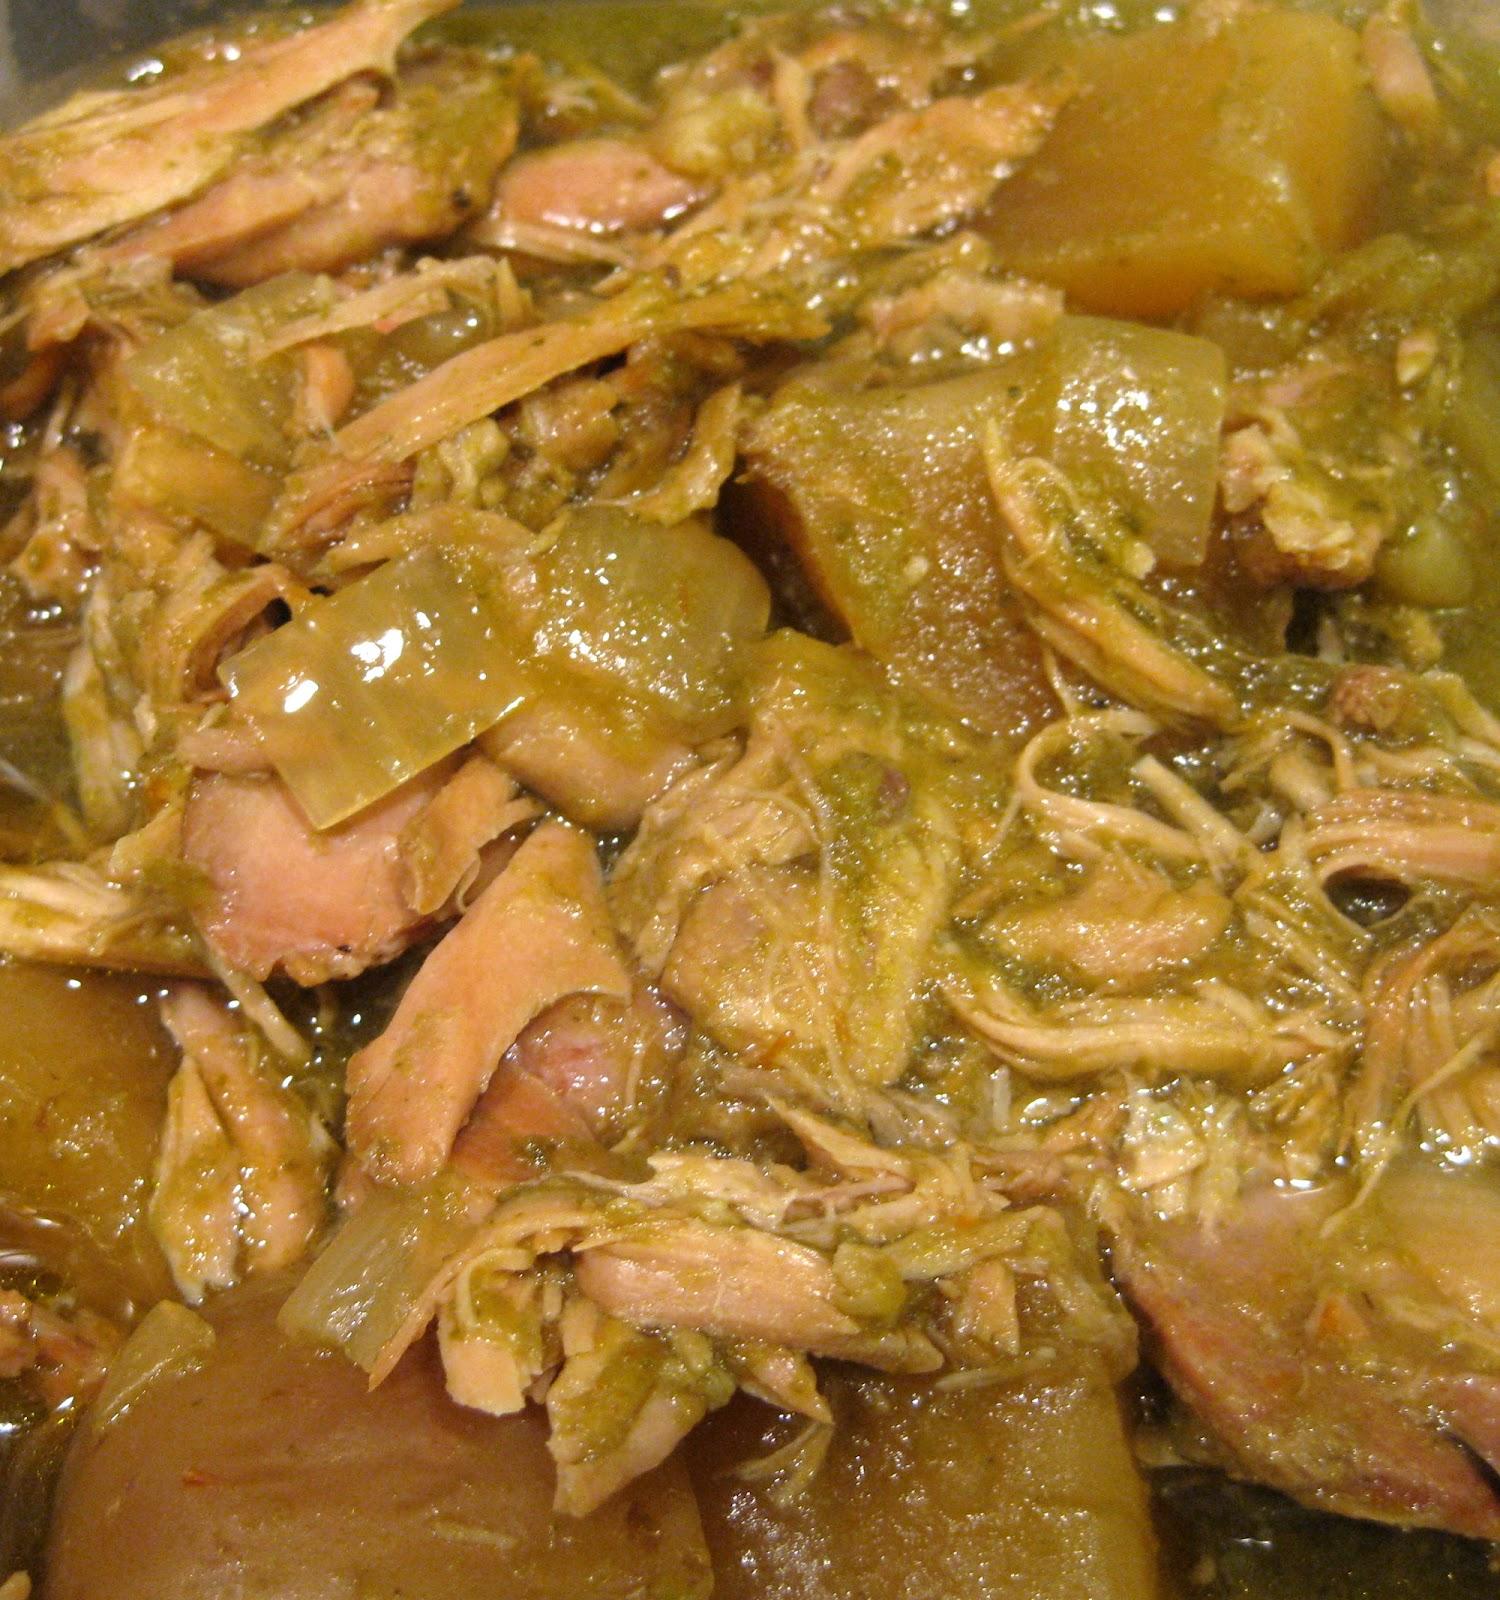 ... 美味しかった: Easy Chicken Drumstick Chile Verde (Slow Cooker